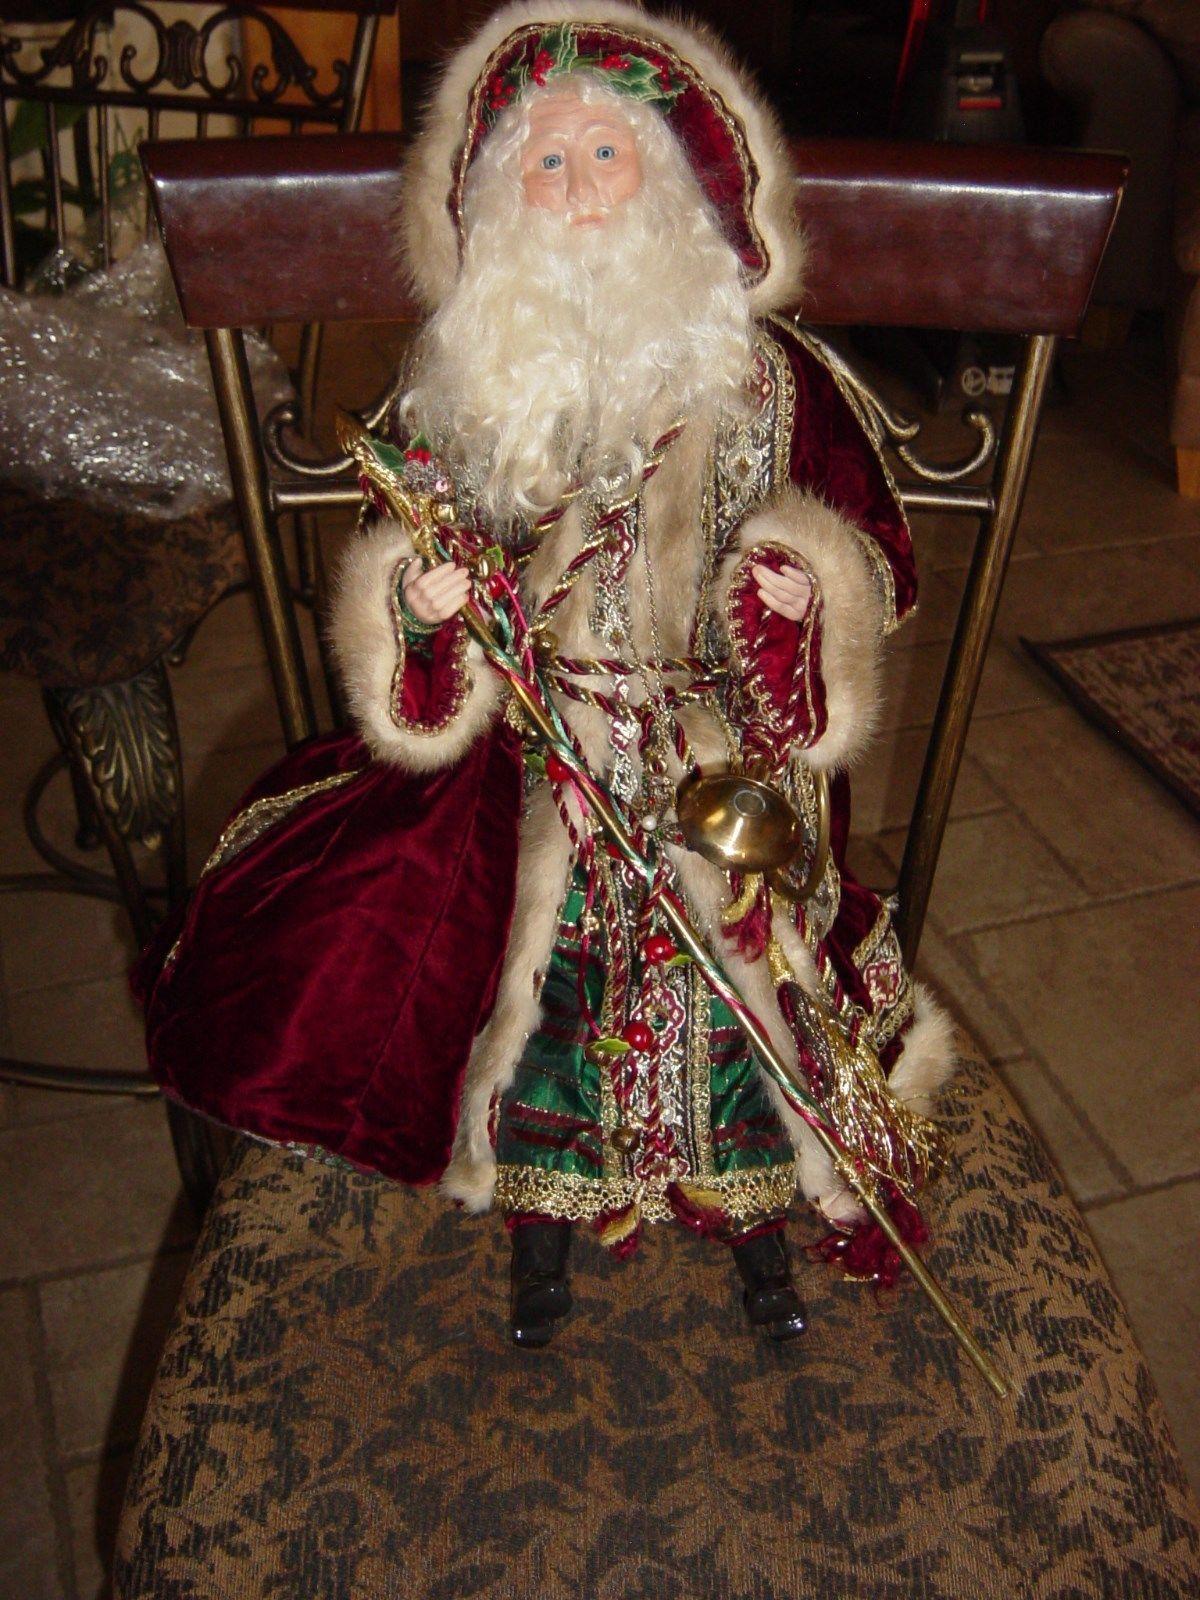 fa4d3e94ed Beautiful Ornate Father Christmas Victorian Santa Claus Porcelain Doll